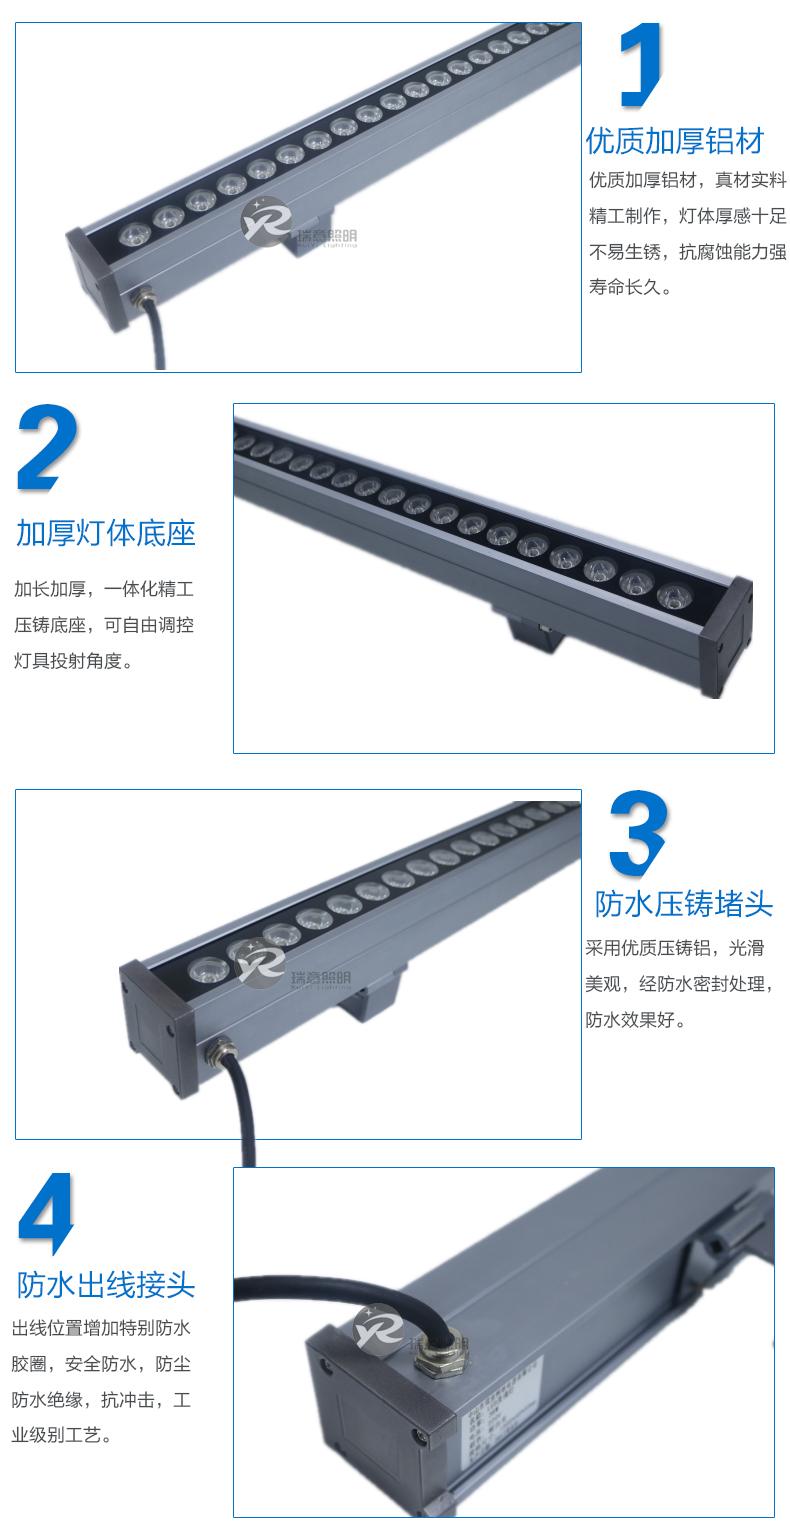 36W私模新款LED洗墙灯48*55实拍图